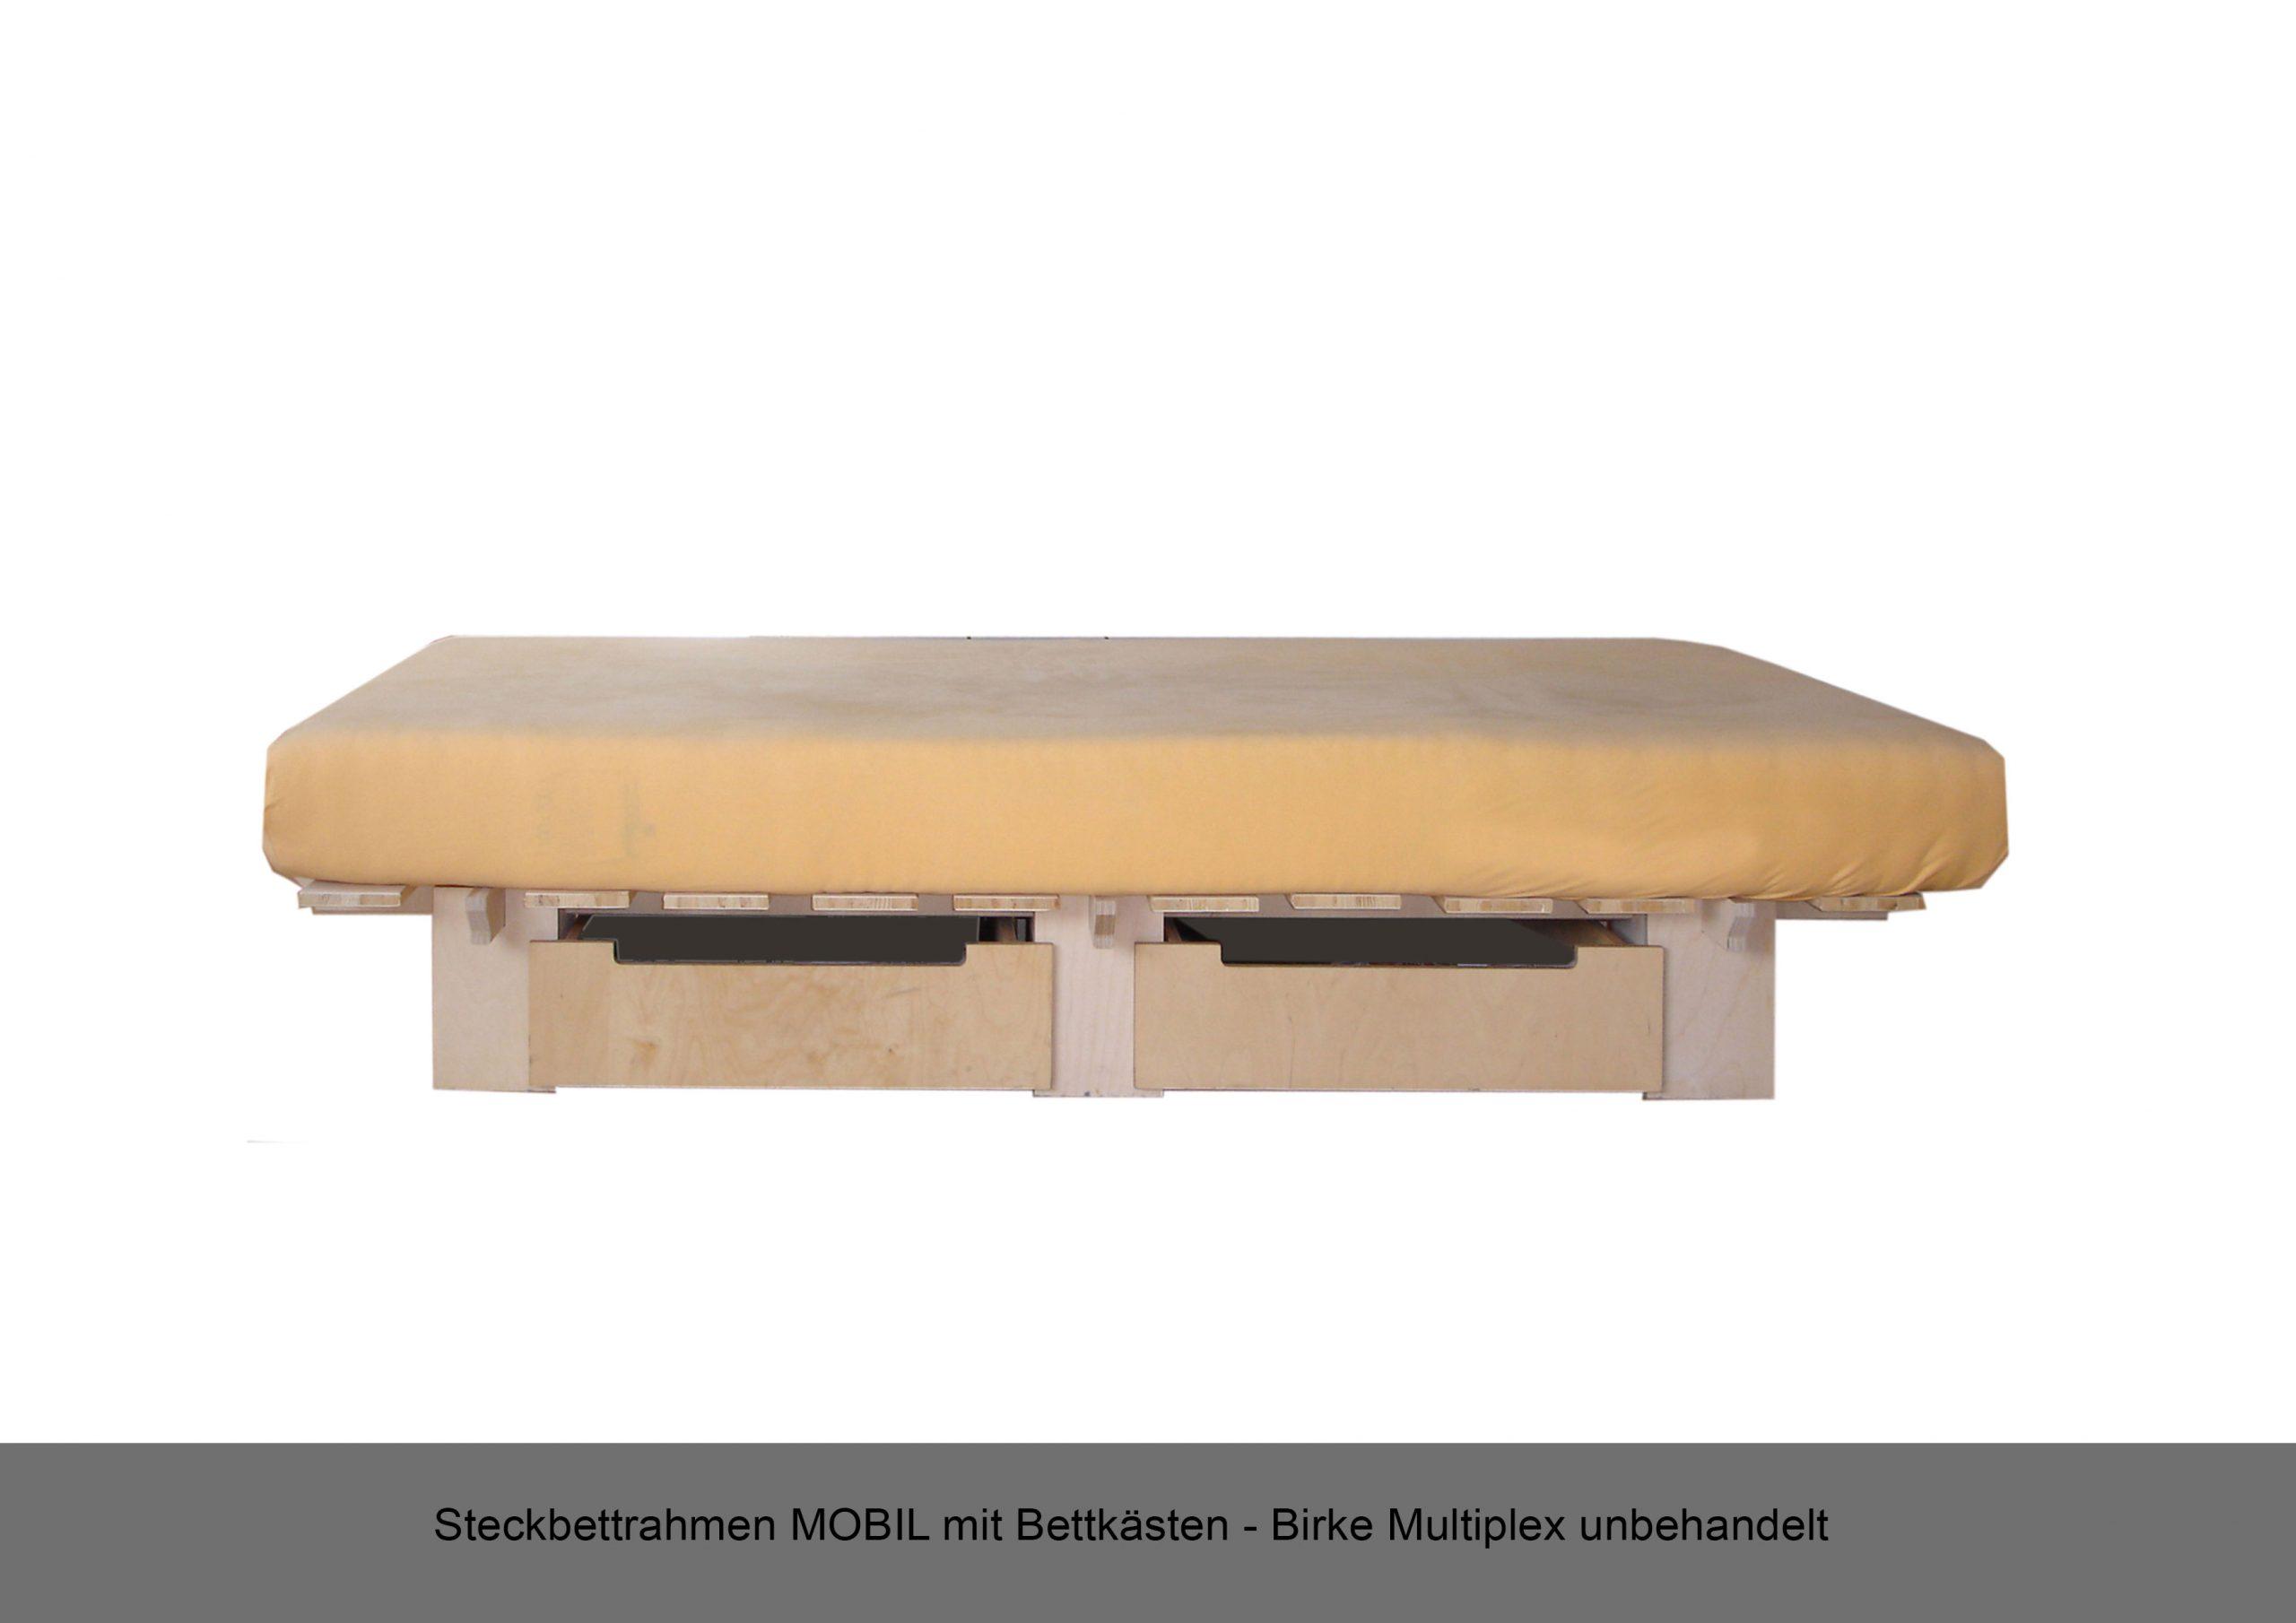 Steckbettrahmen Bettkästen MOBIL Multiplex Birke unbehandelt